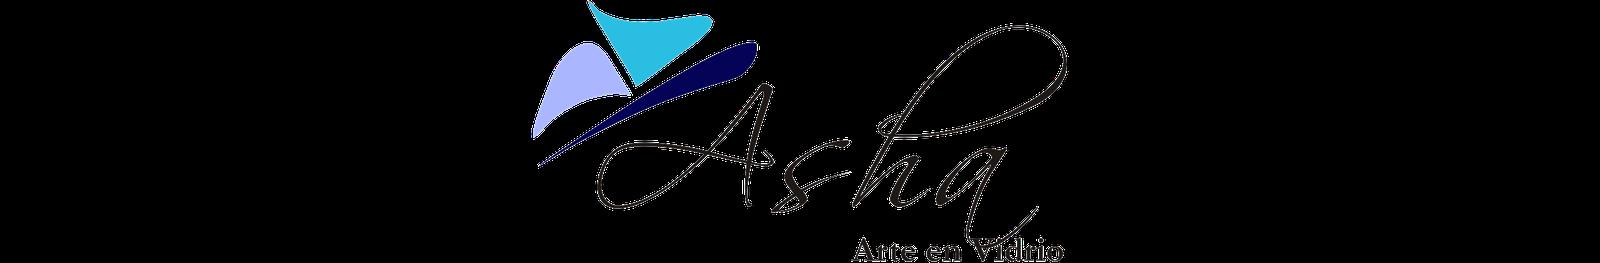 Asha Arte en Vidrio